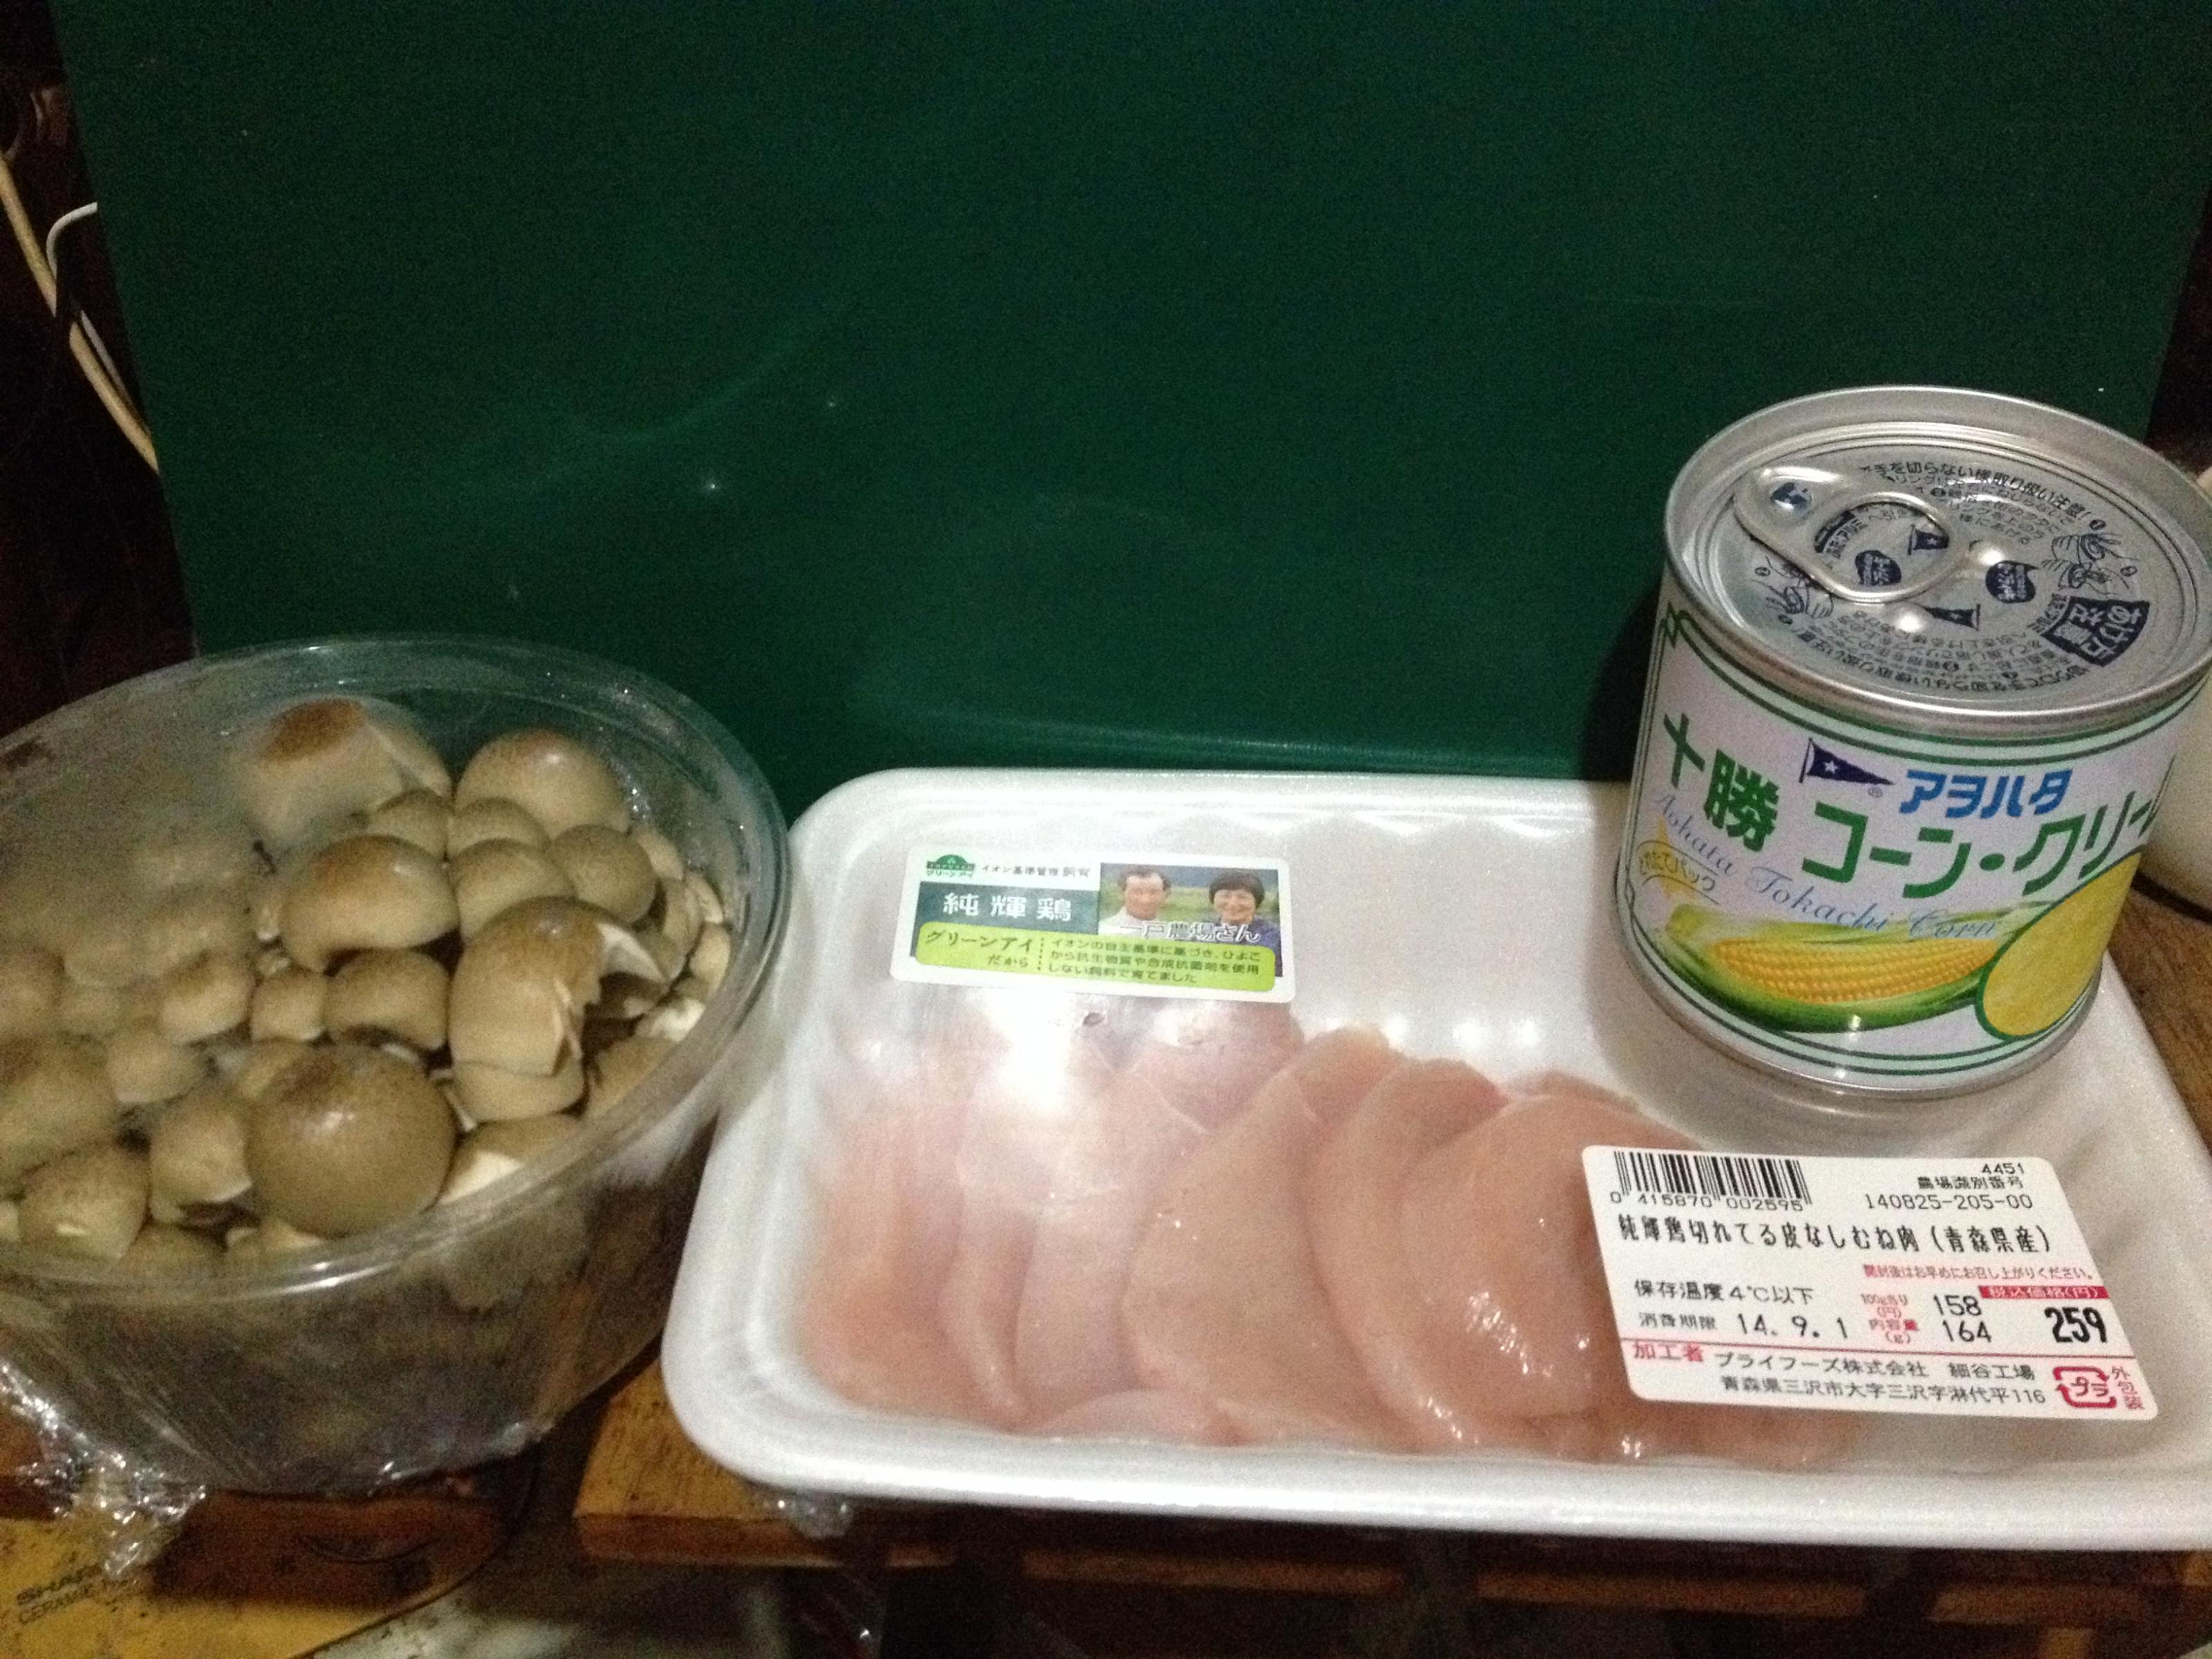 鶏ガンボ材料